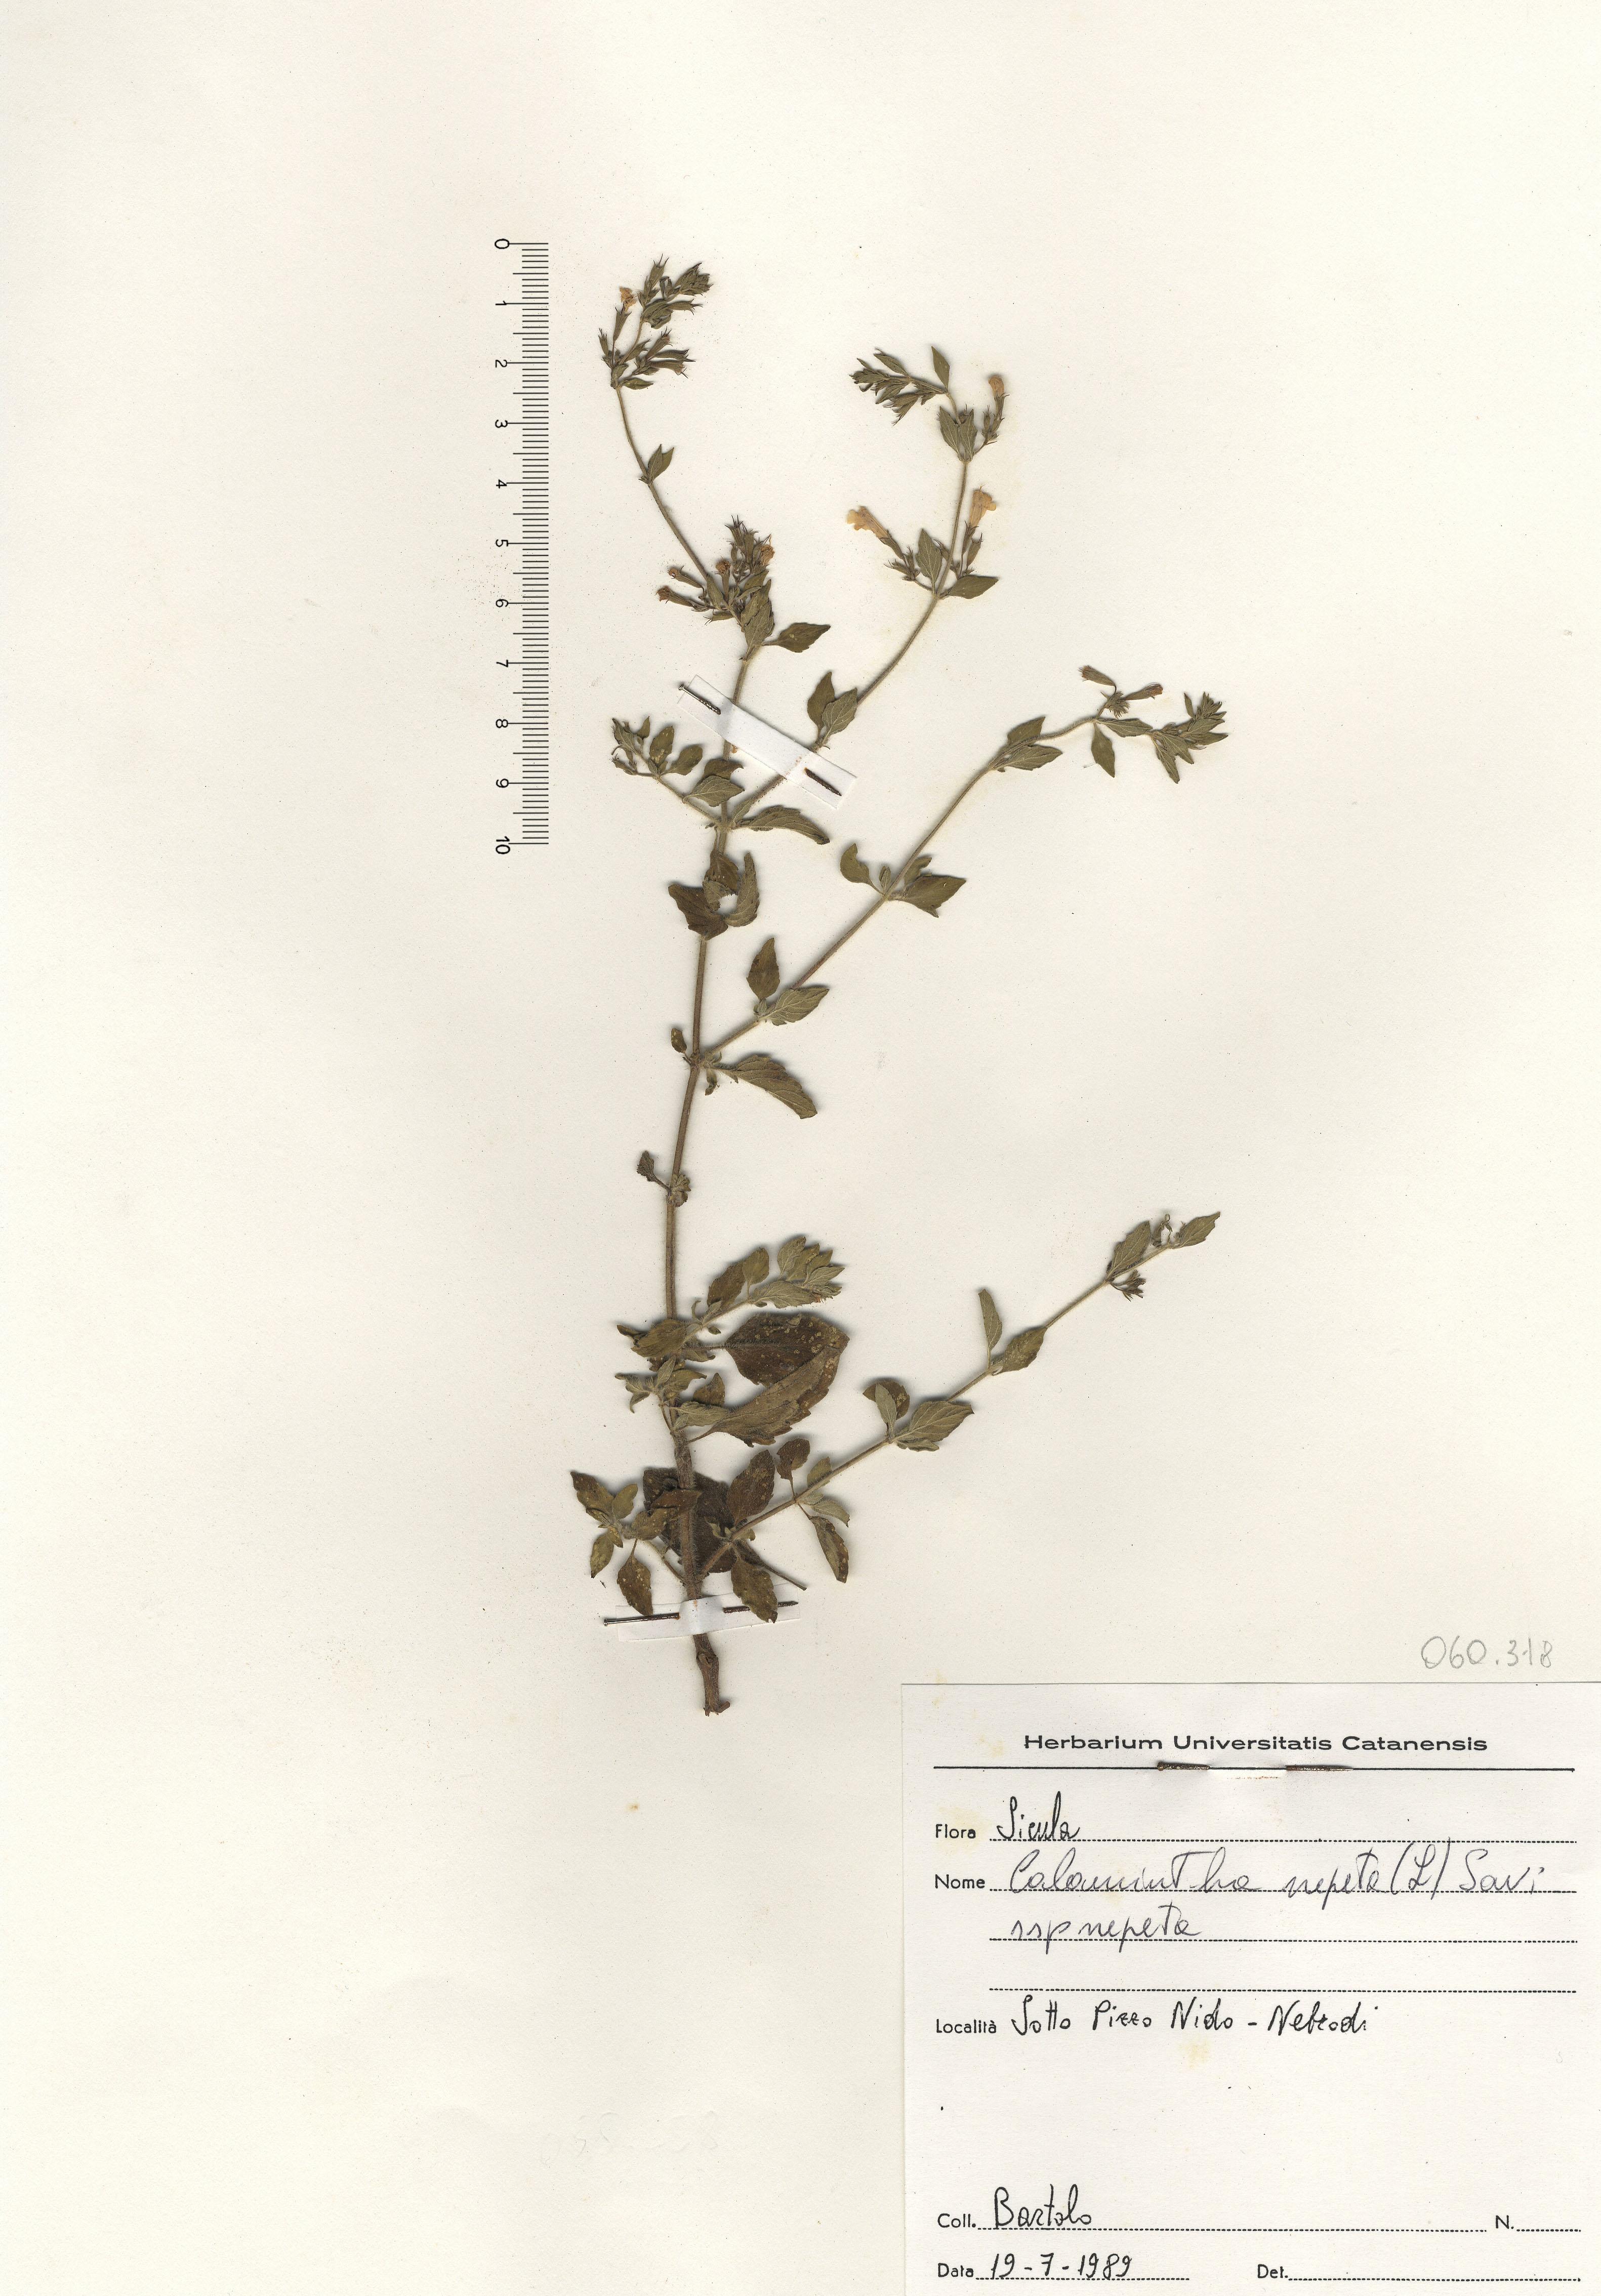 © Hortus Botanicus Catinensis - Herb. sheet 060318<br>